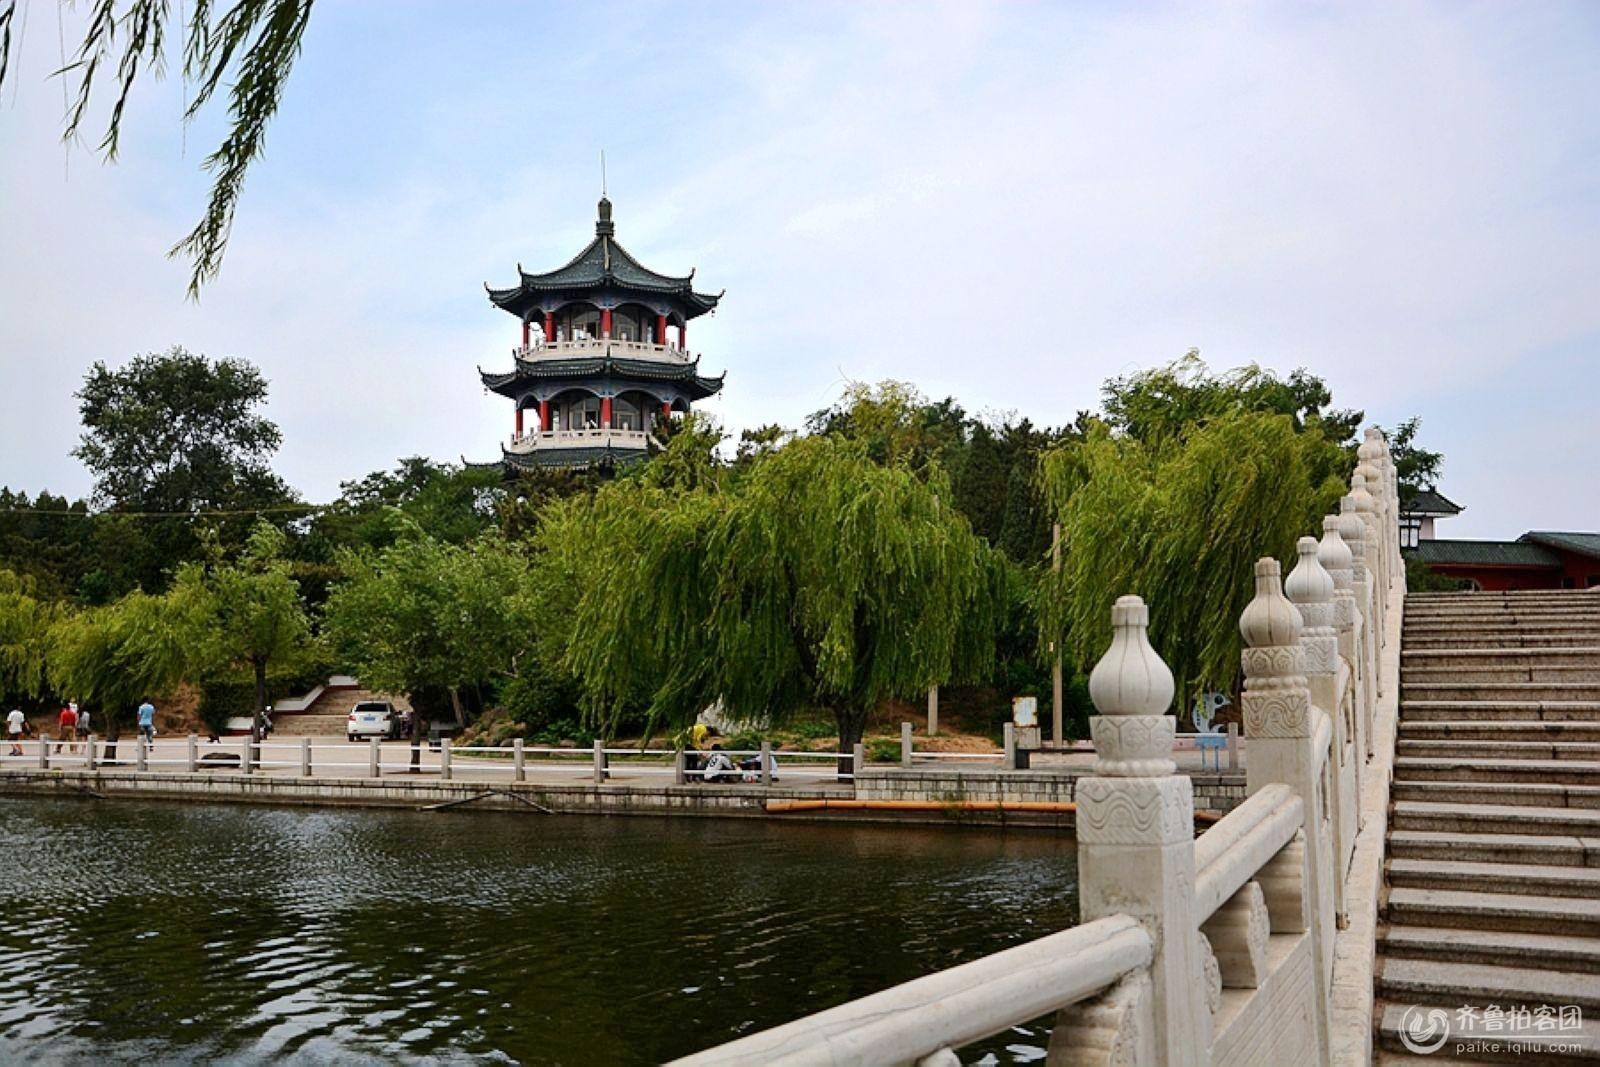 走马观花莱西月湖公园 - 青岛拍客 - 齐鲁社区 - 山东